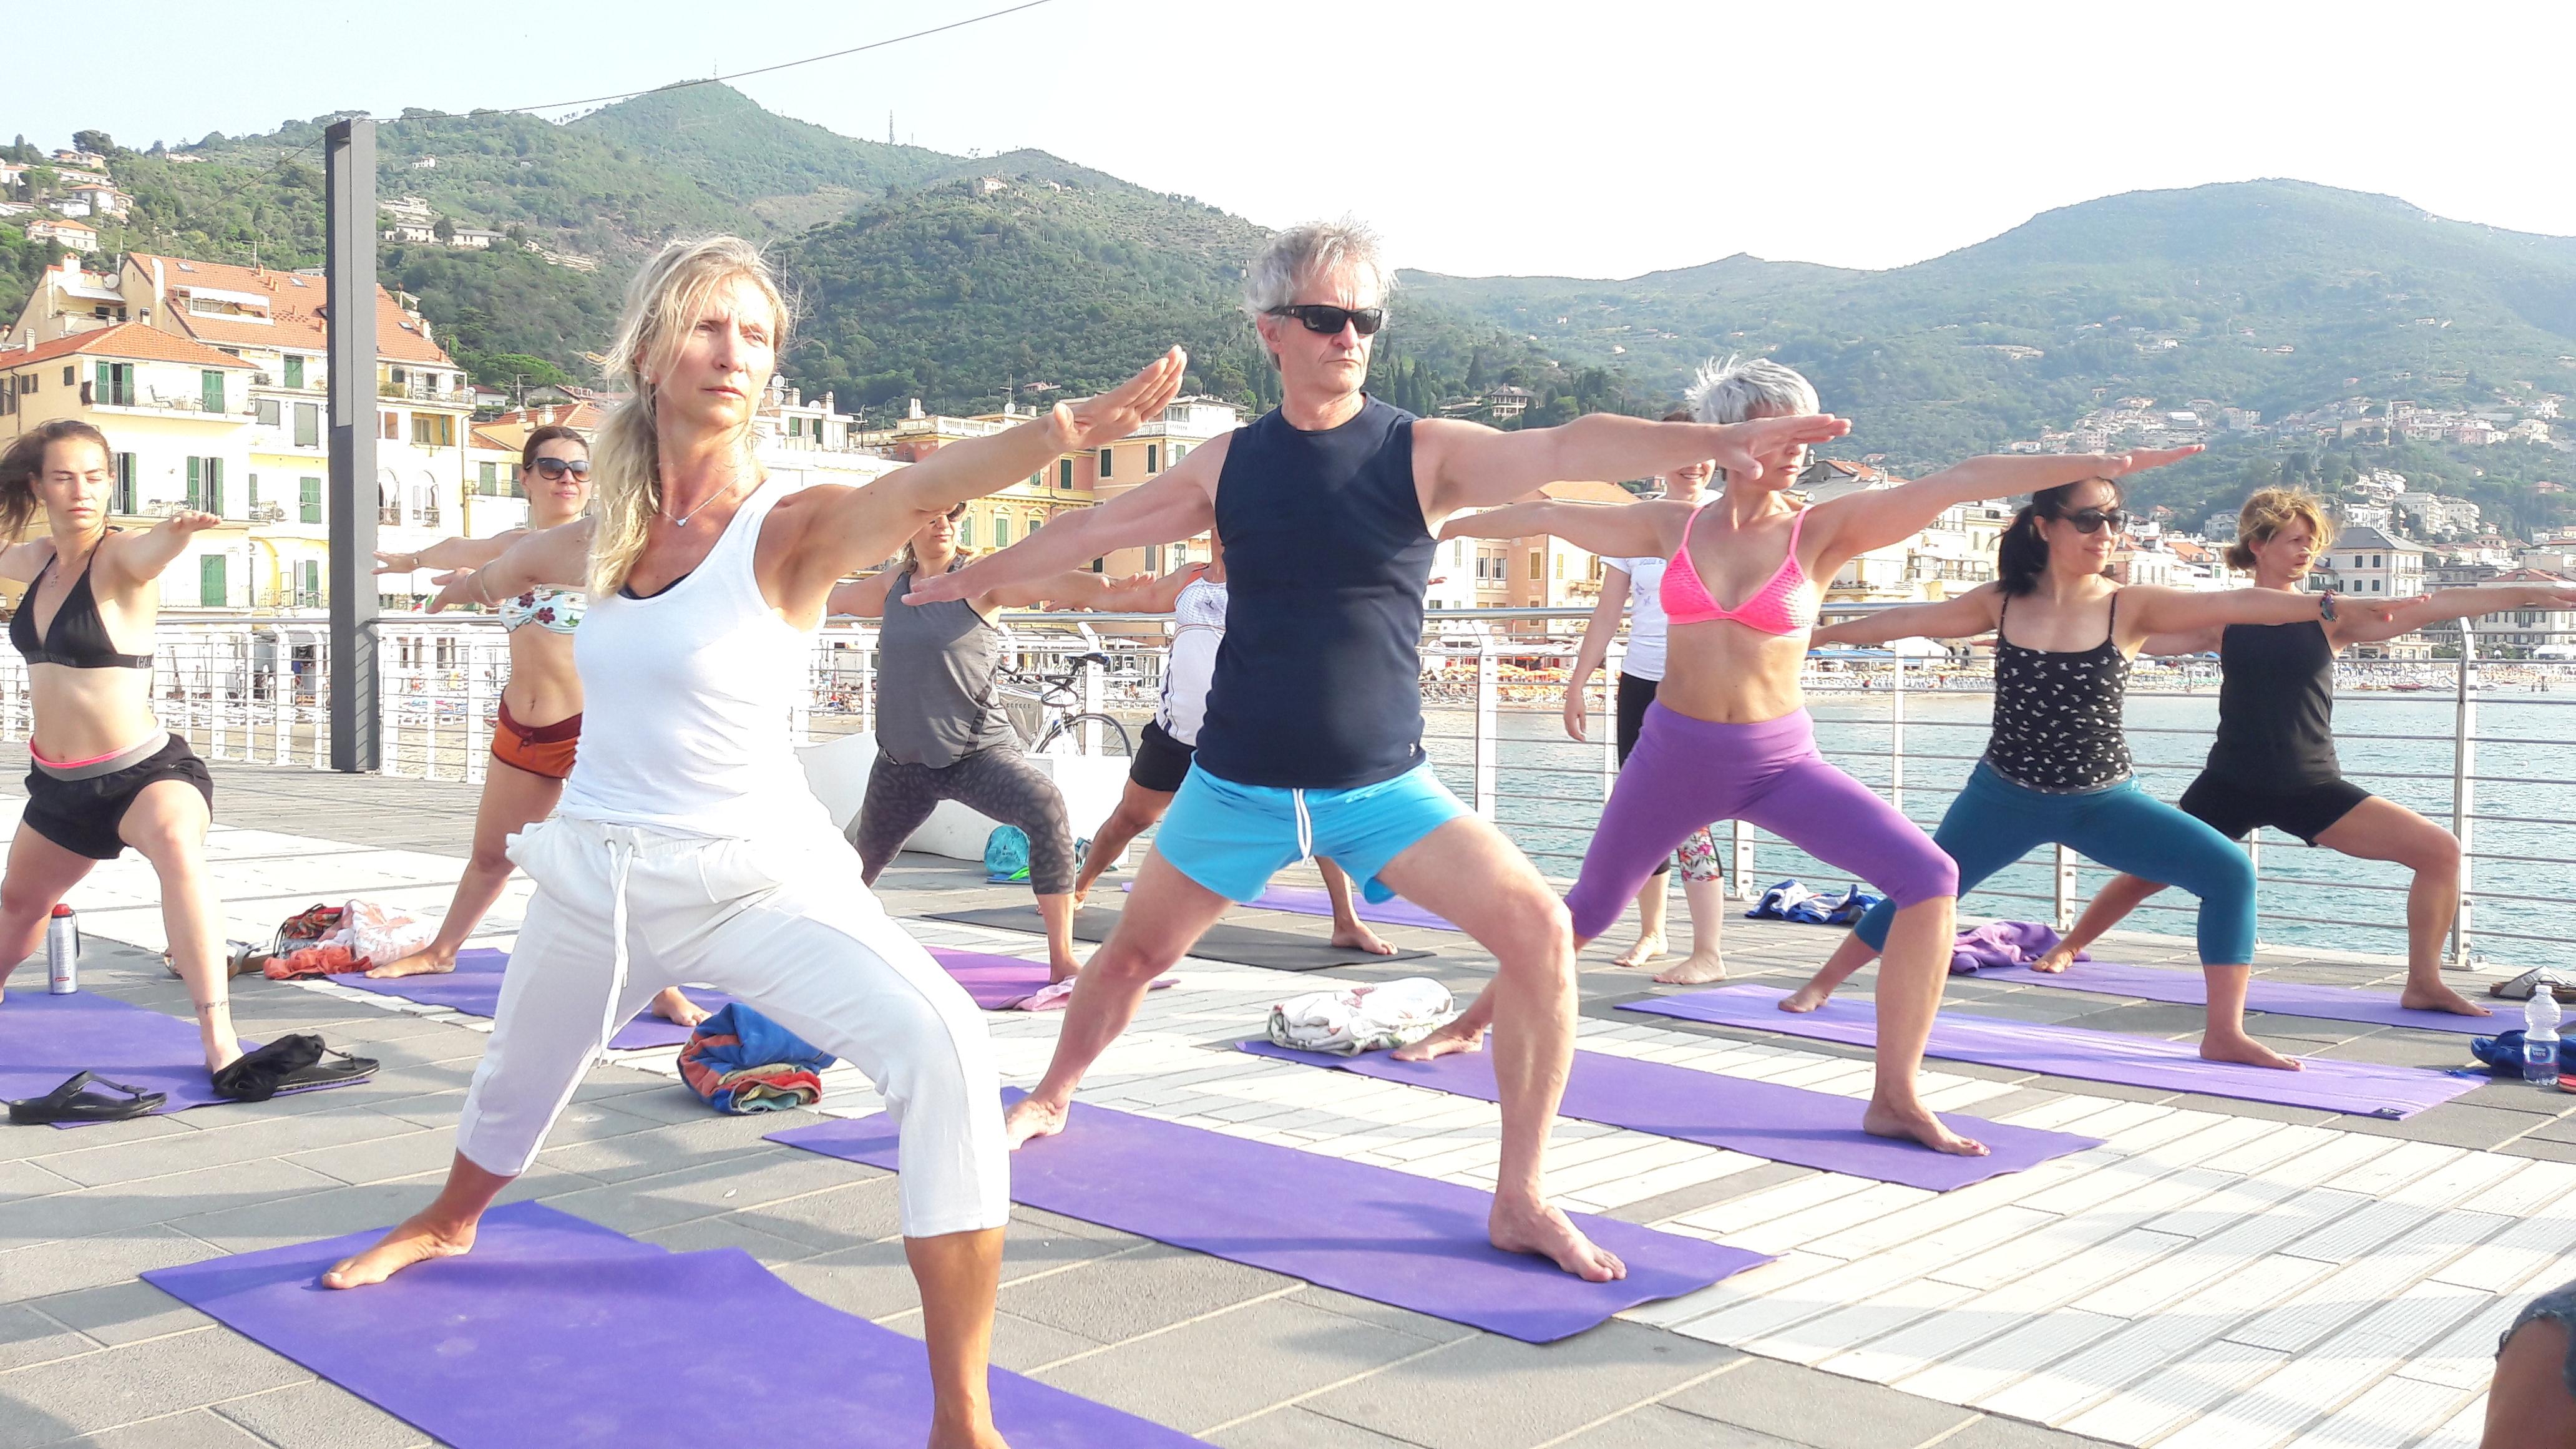 essere-free-yoga-gratuito-benessere-per-tutti-village-citta-alassio-estate-lucia-ragazzi-summer-town-wellness-028